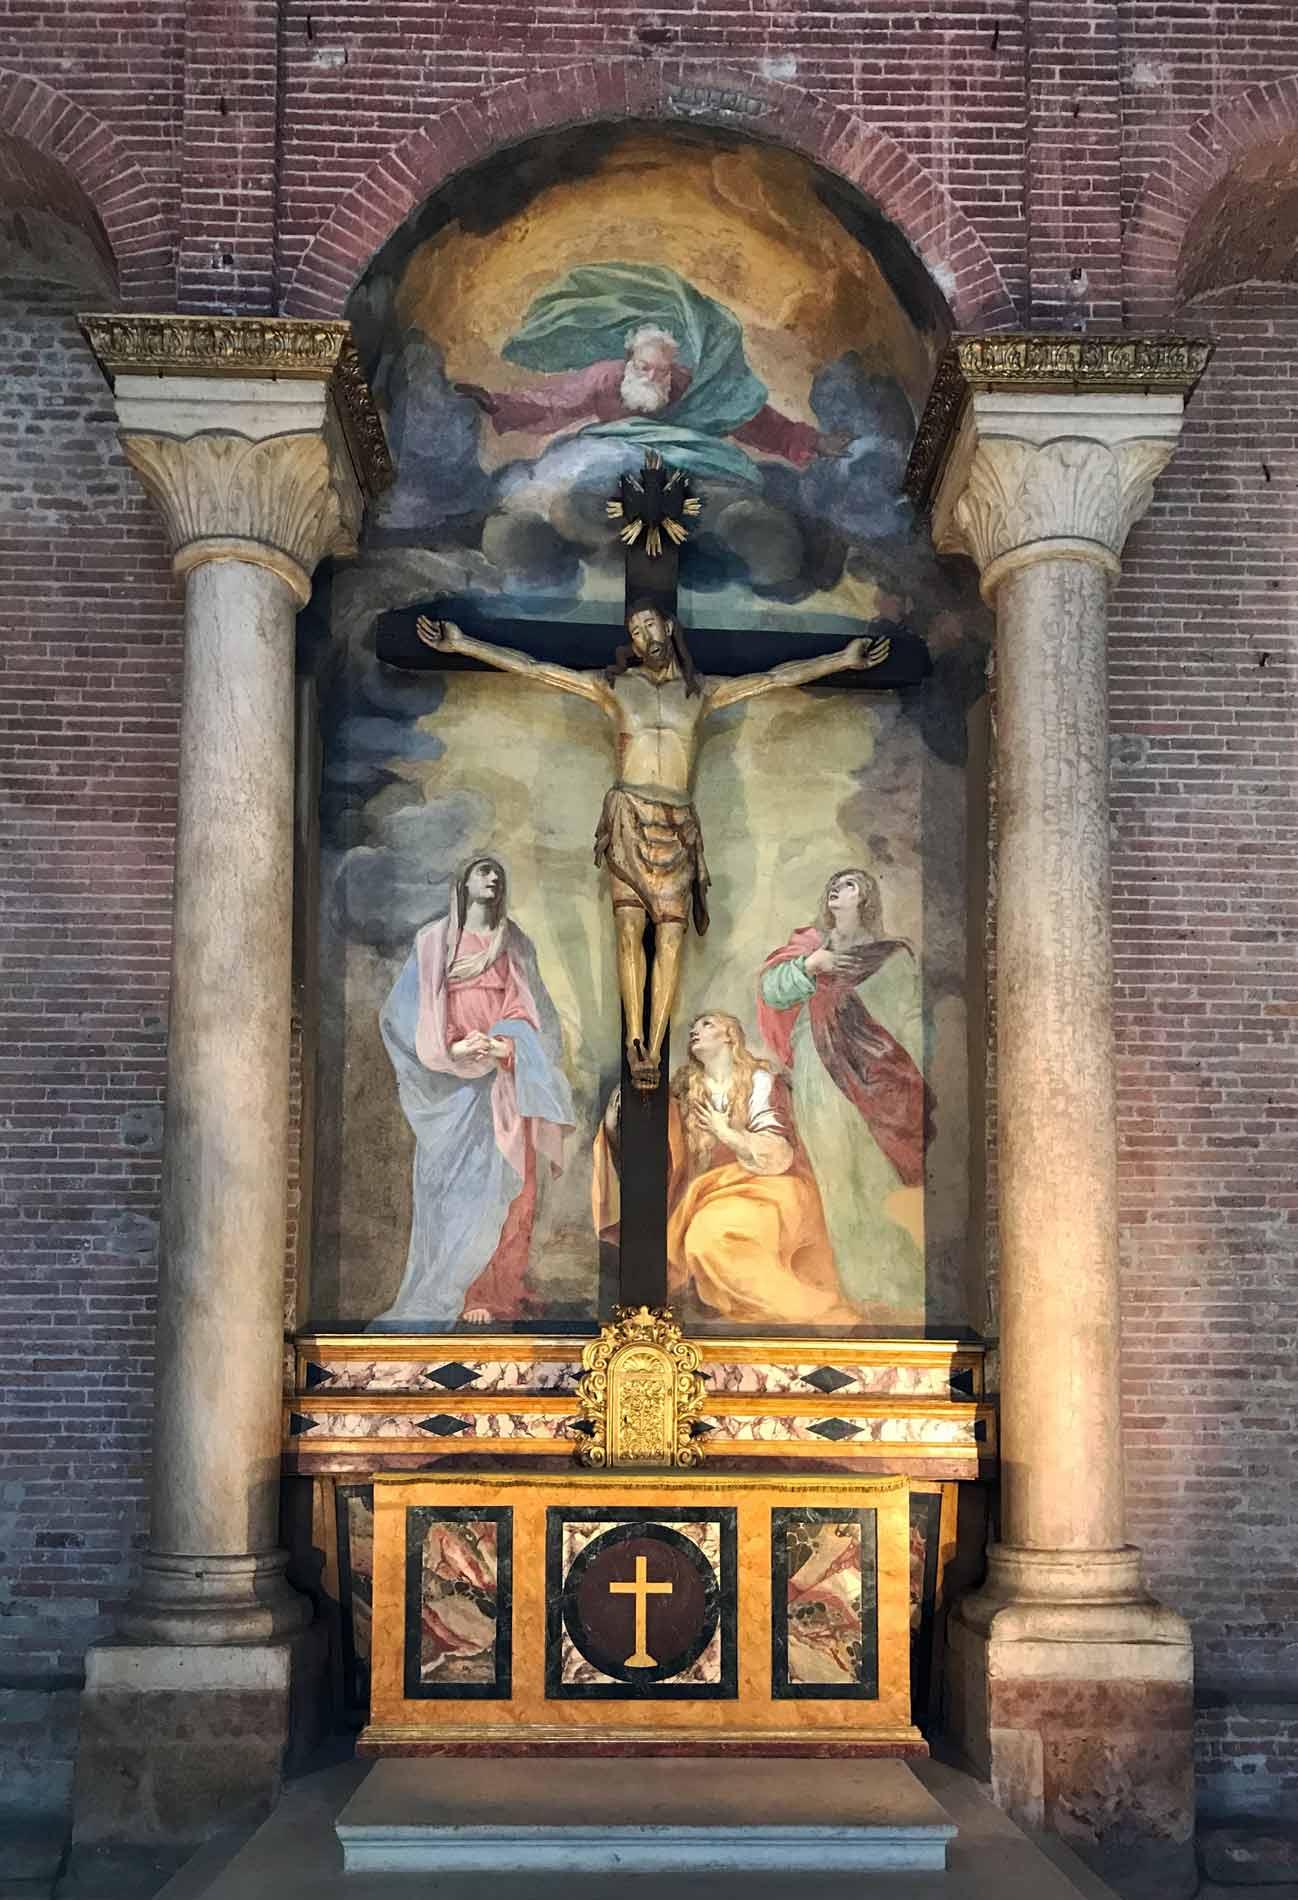 Cremona-battistero-interno-altare-cristo-crocifisso-legno-affreschi-colonne-mattoni